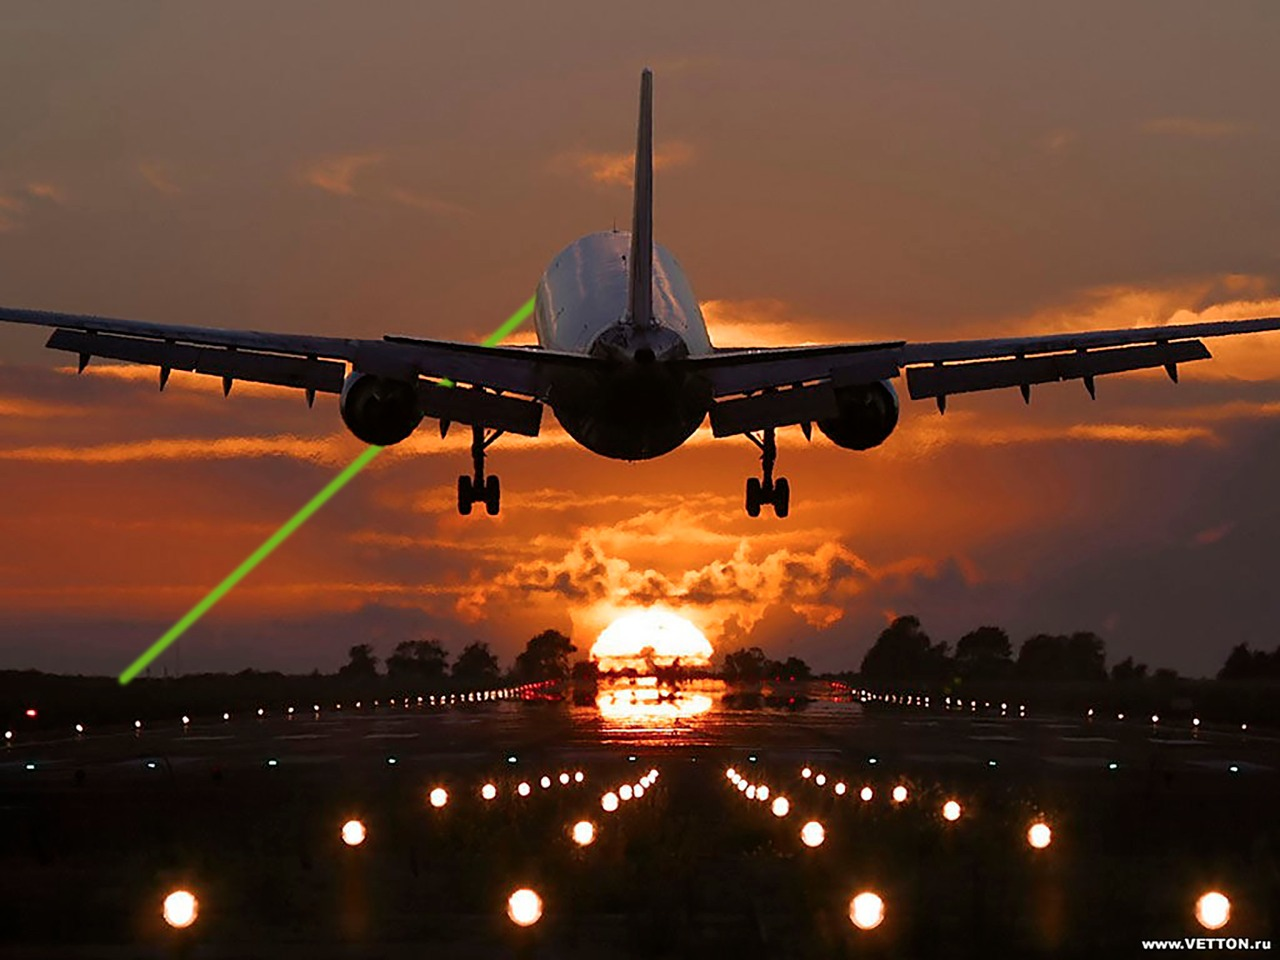 Rayo láser lastima a piloto de WestJet durante vuelo